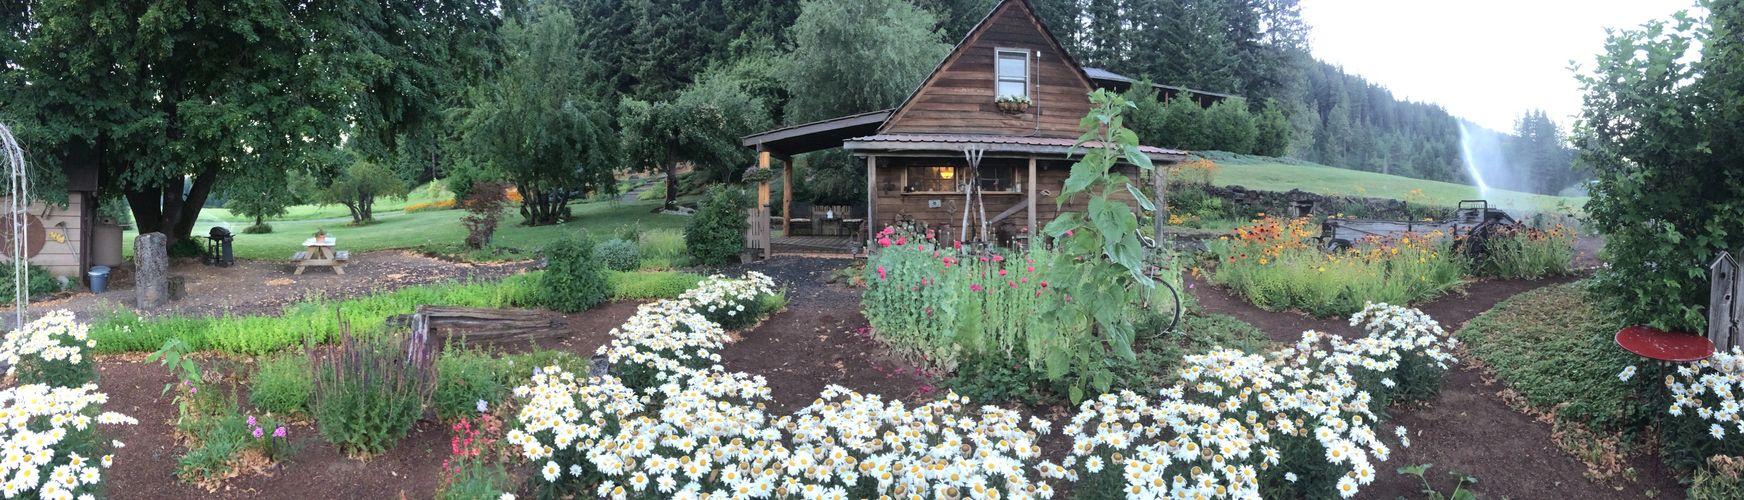 Trout Lake Cabin Rental - Lodging, Lodging, Vacation Rental